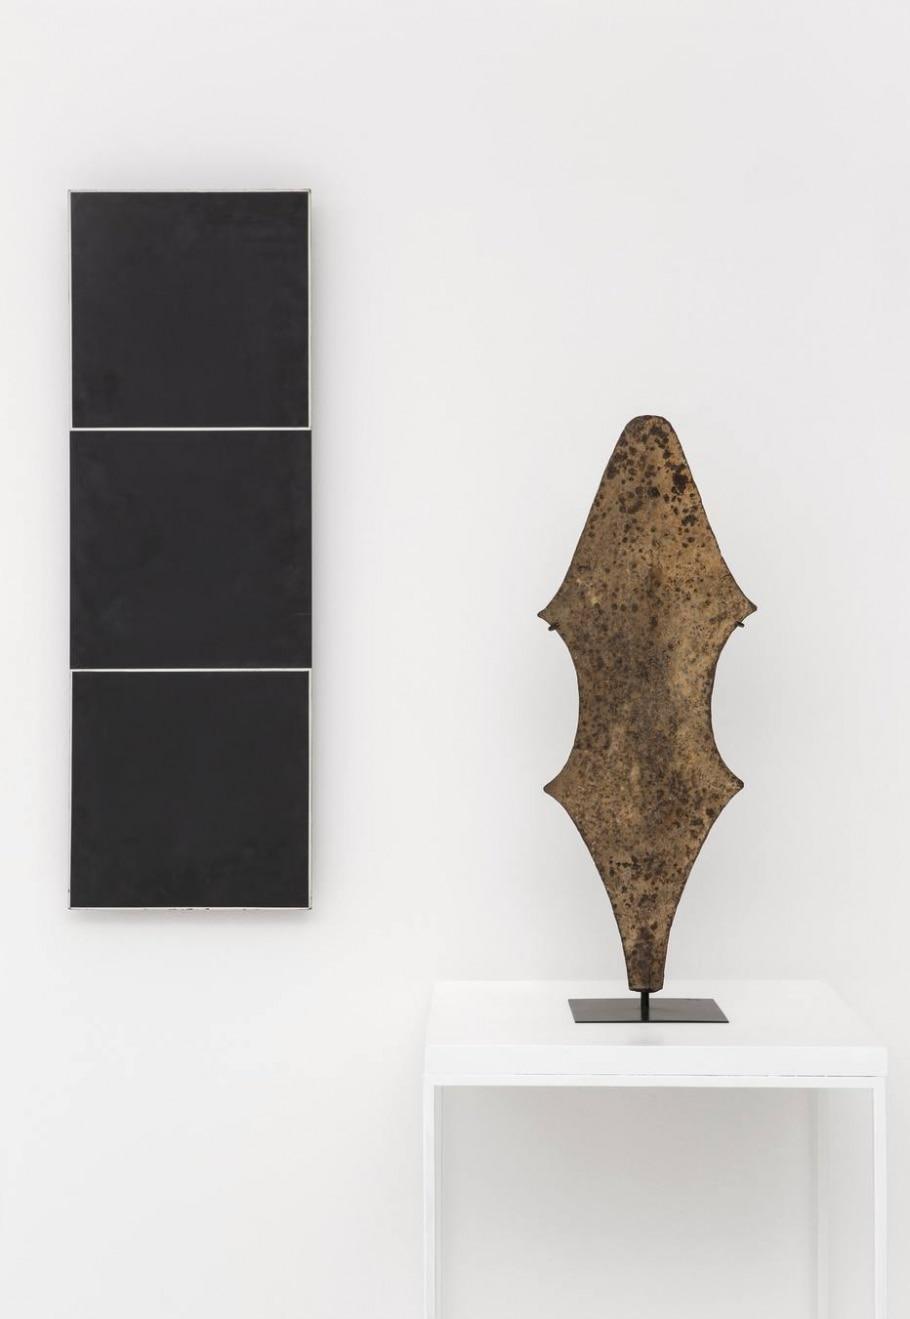 Arte africana dialoga com contemporâneos - Divulgação